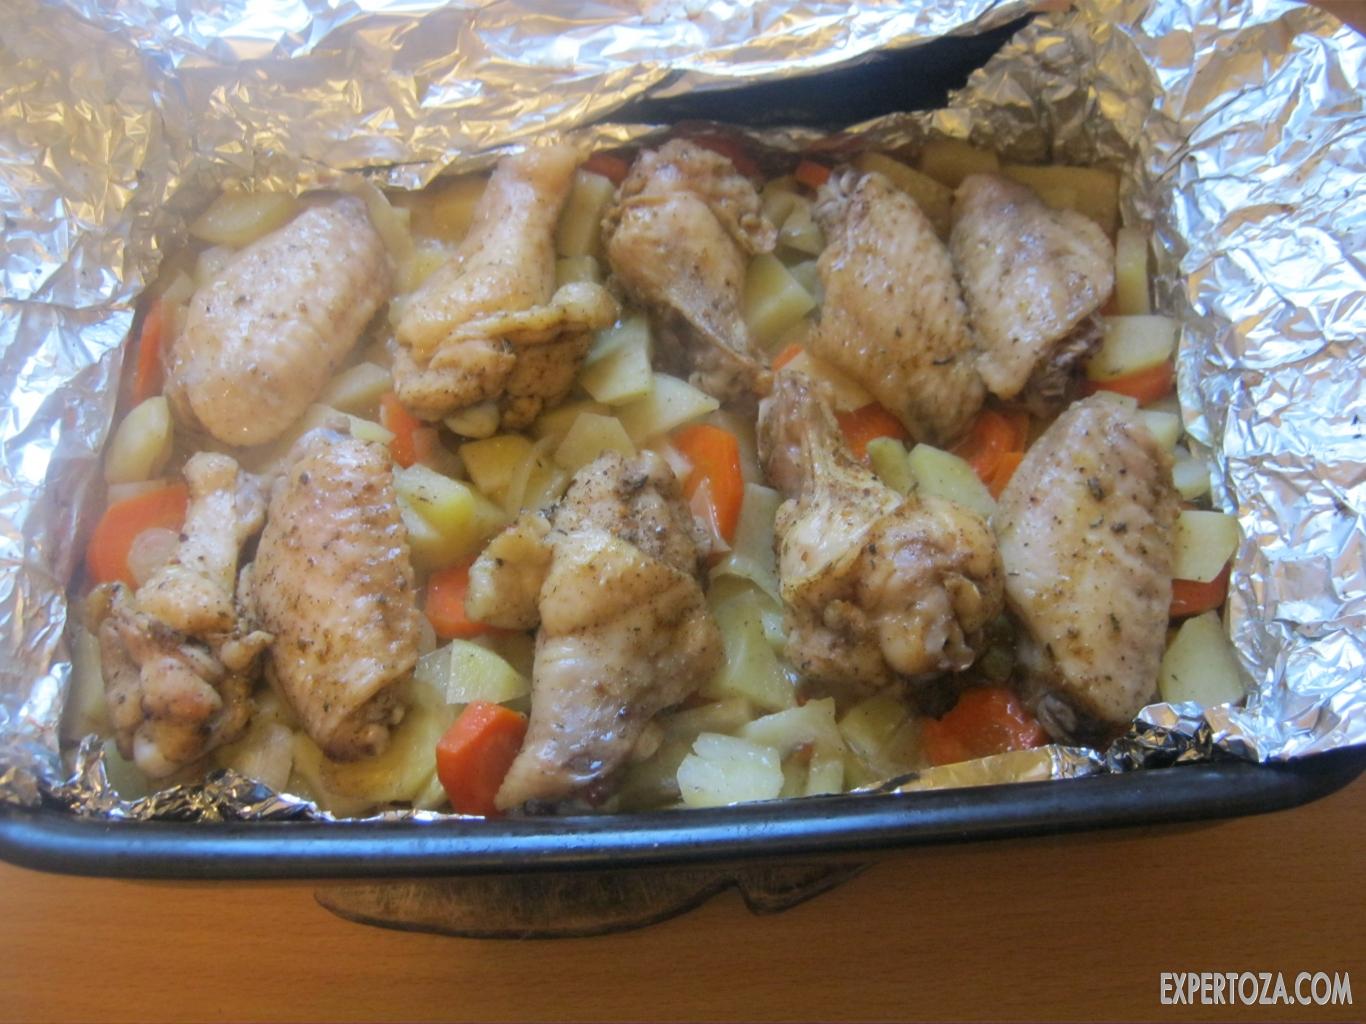 мясо в фольге с овощами в духовке рецепт с фото